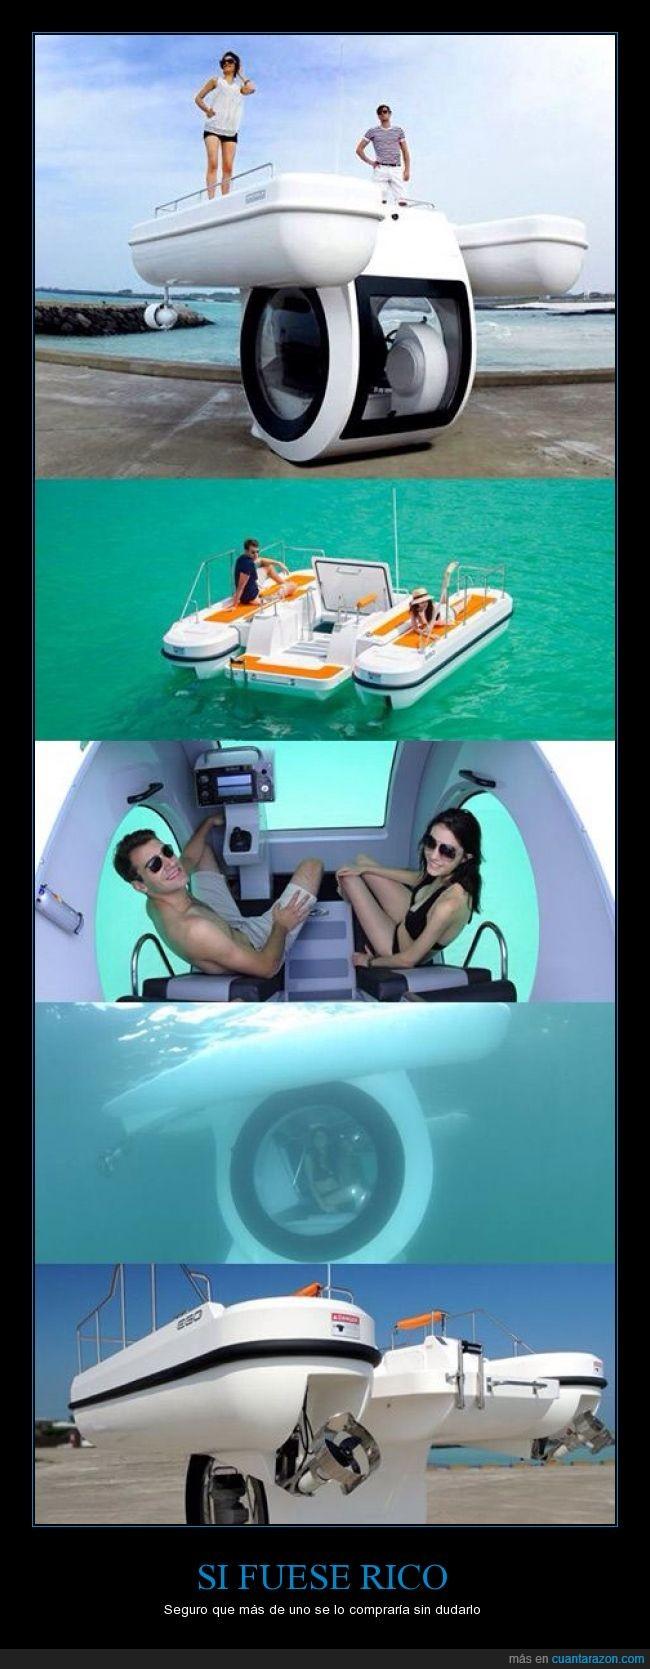 barco,buen invento,cristal,fondo,querer,submarino,ver,verano,zona